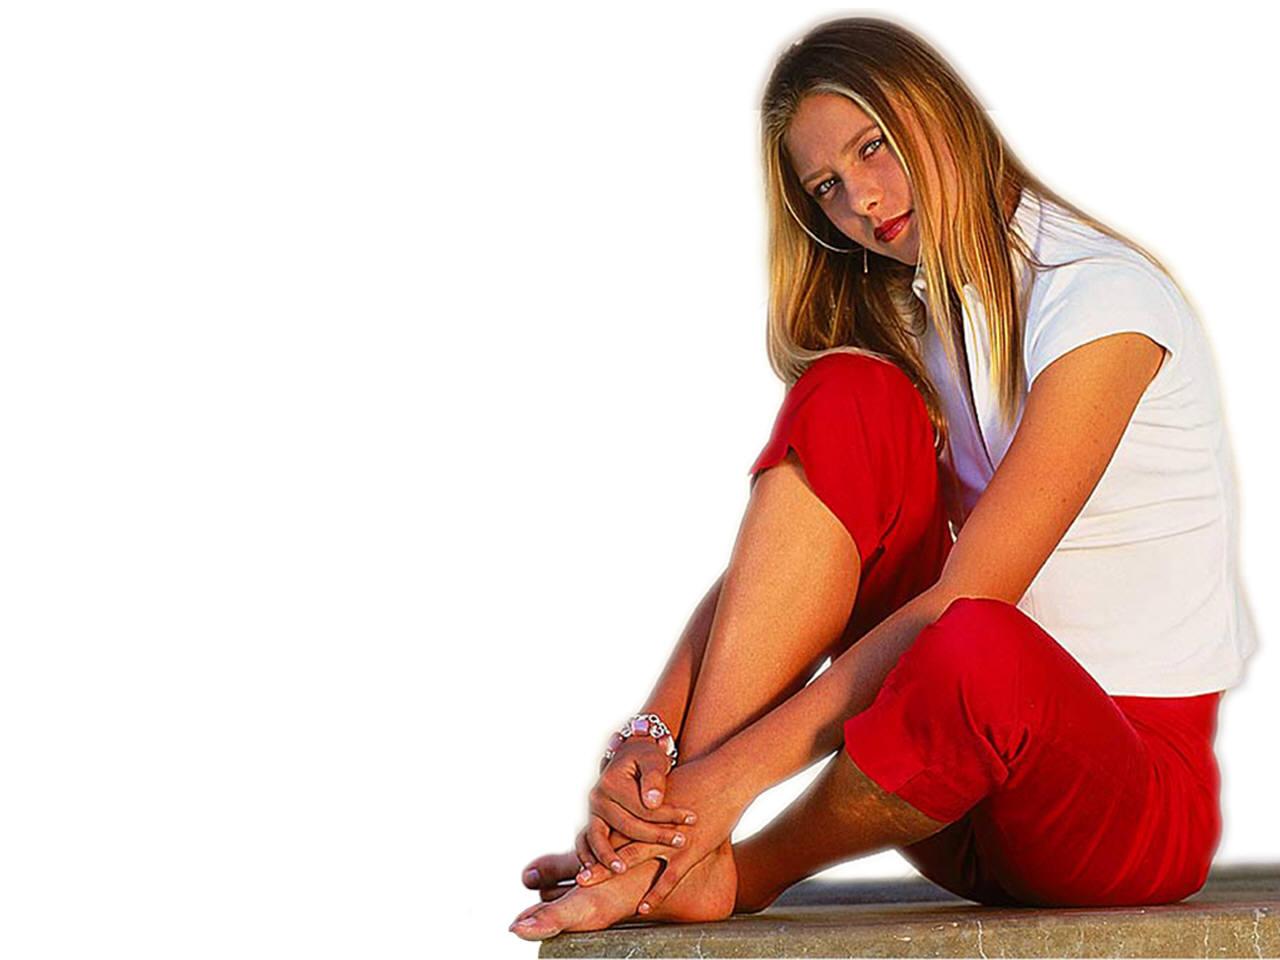 http://4.bp.blogspot.com/-RFFYlz2wSI4/TiG9fuOASlI/AAAAAAAAEYI/6xpChzYs9r8/s1600/maria-sharapova-37.jpg